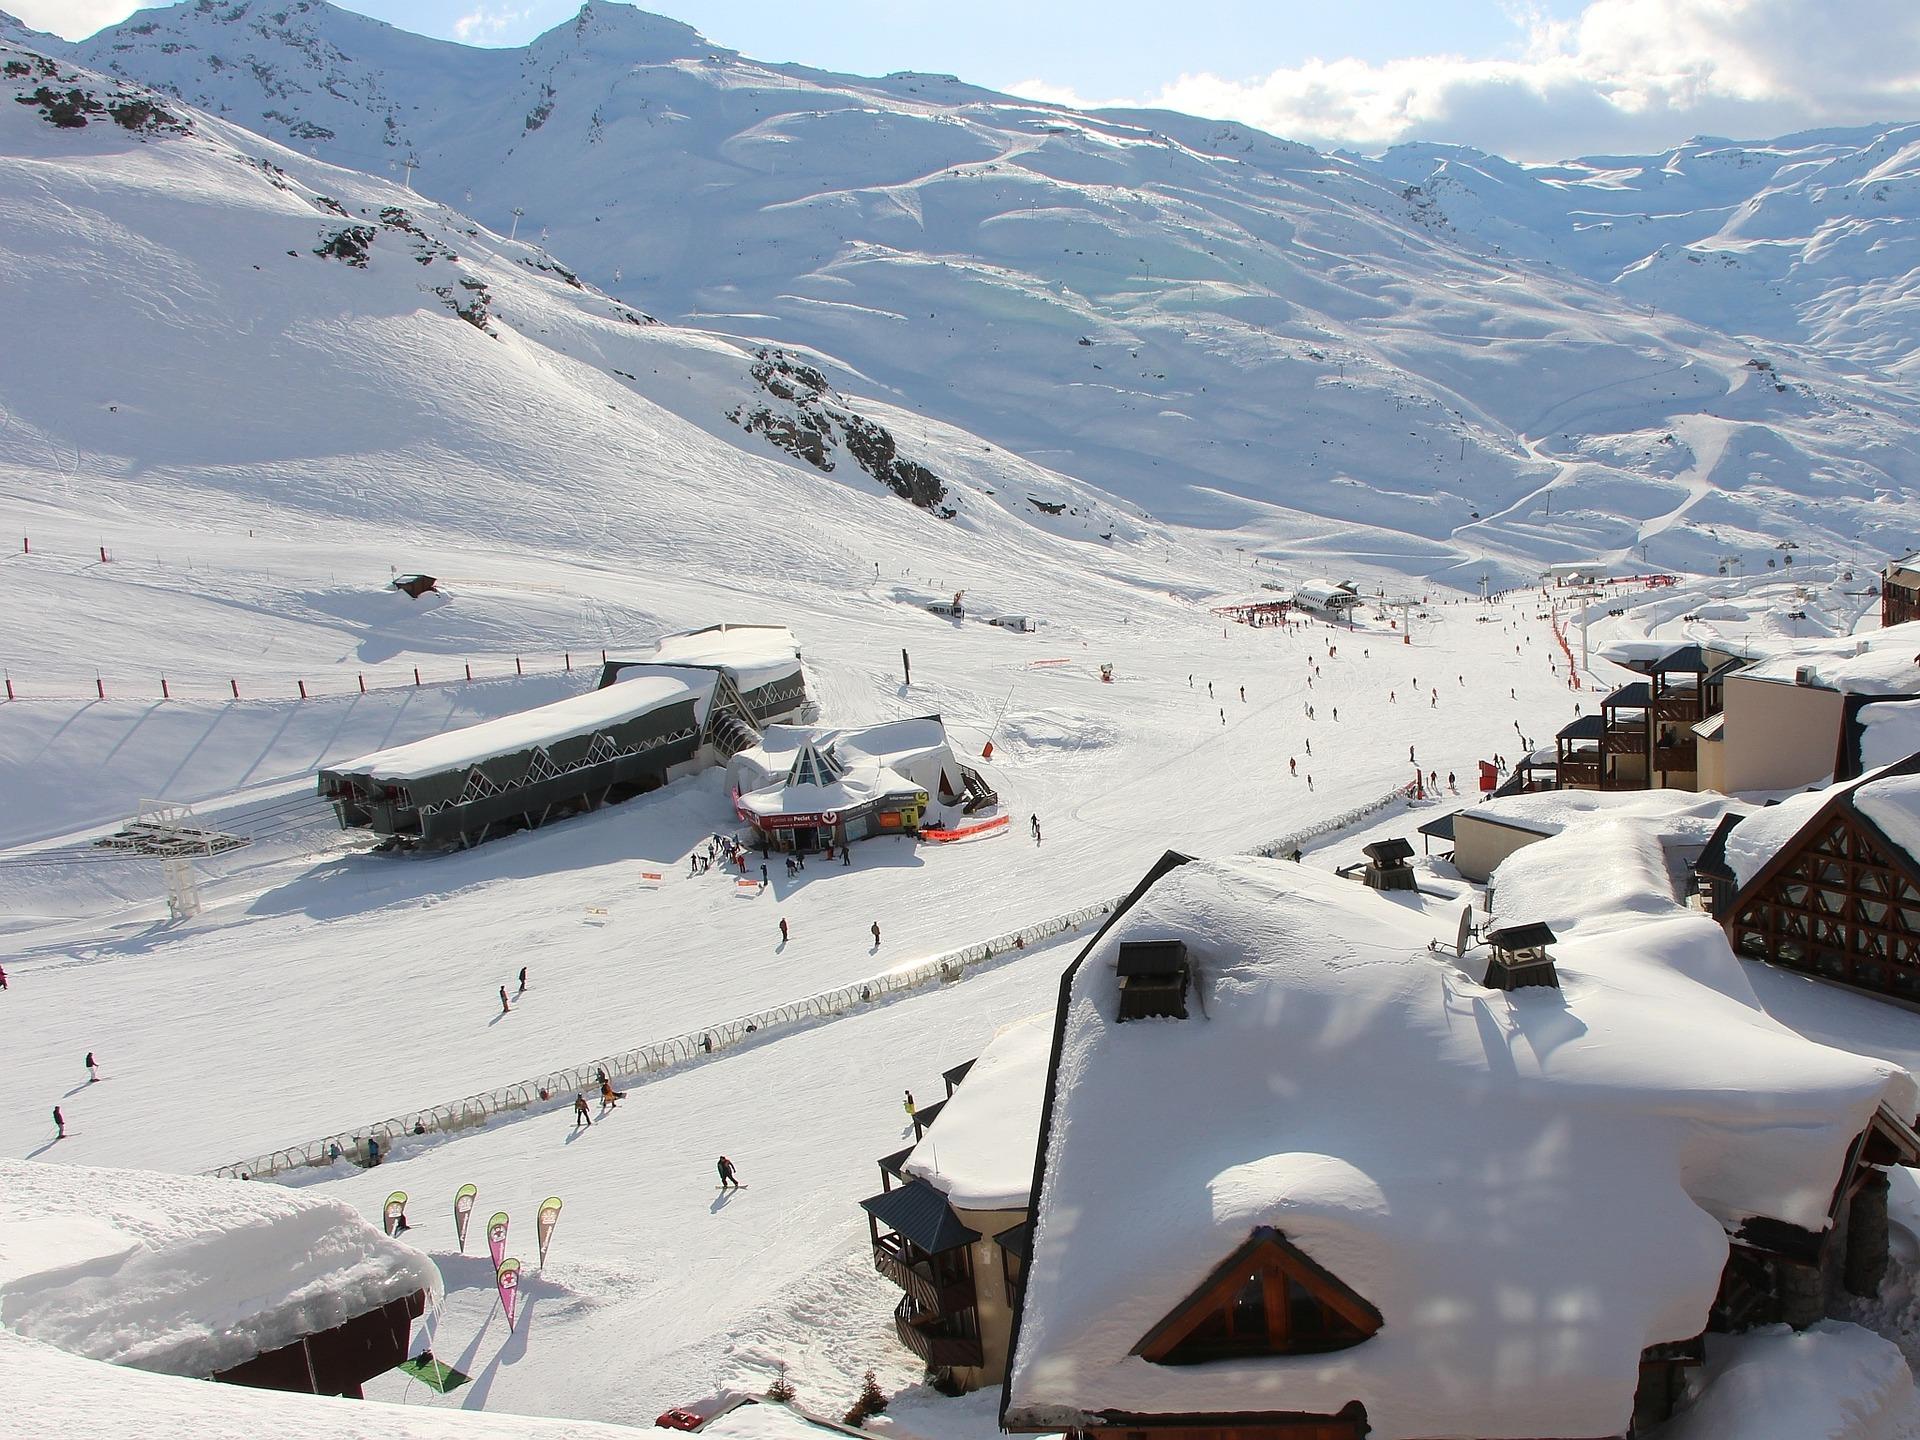 Skiurlaub in chamrousse - Französische Alpen